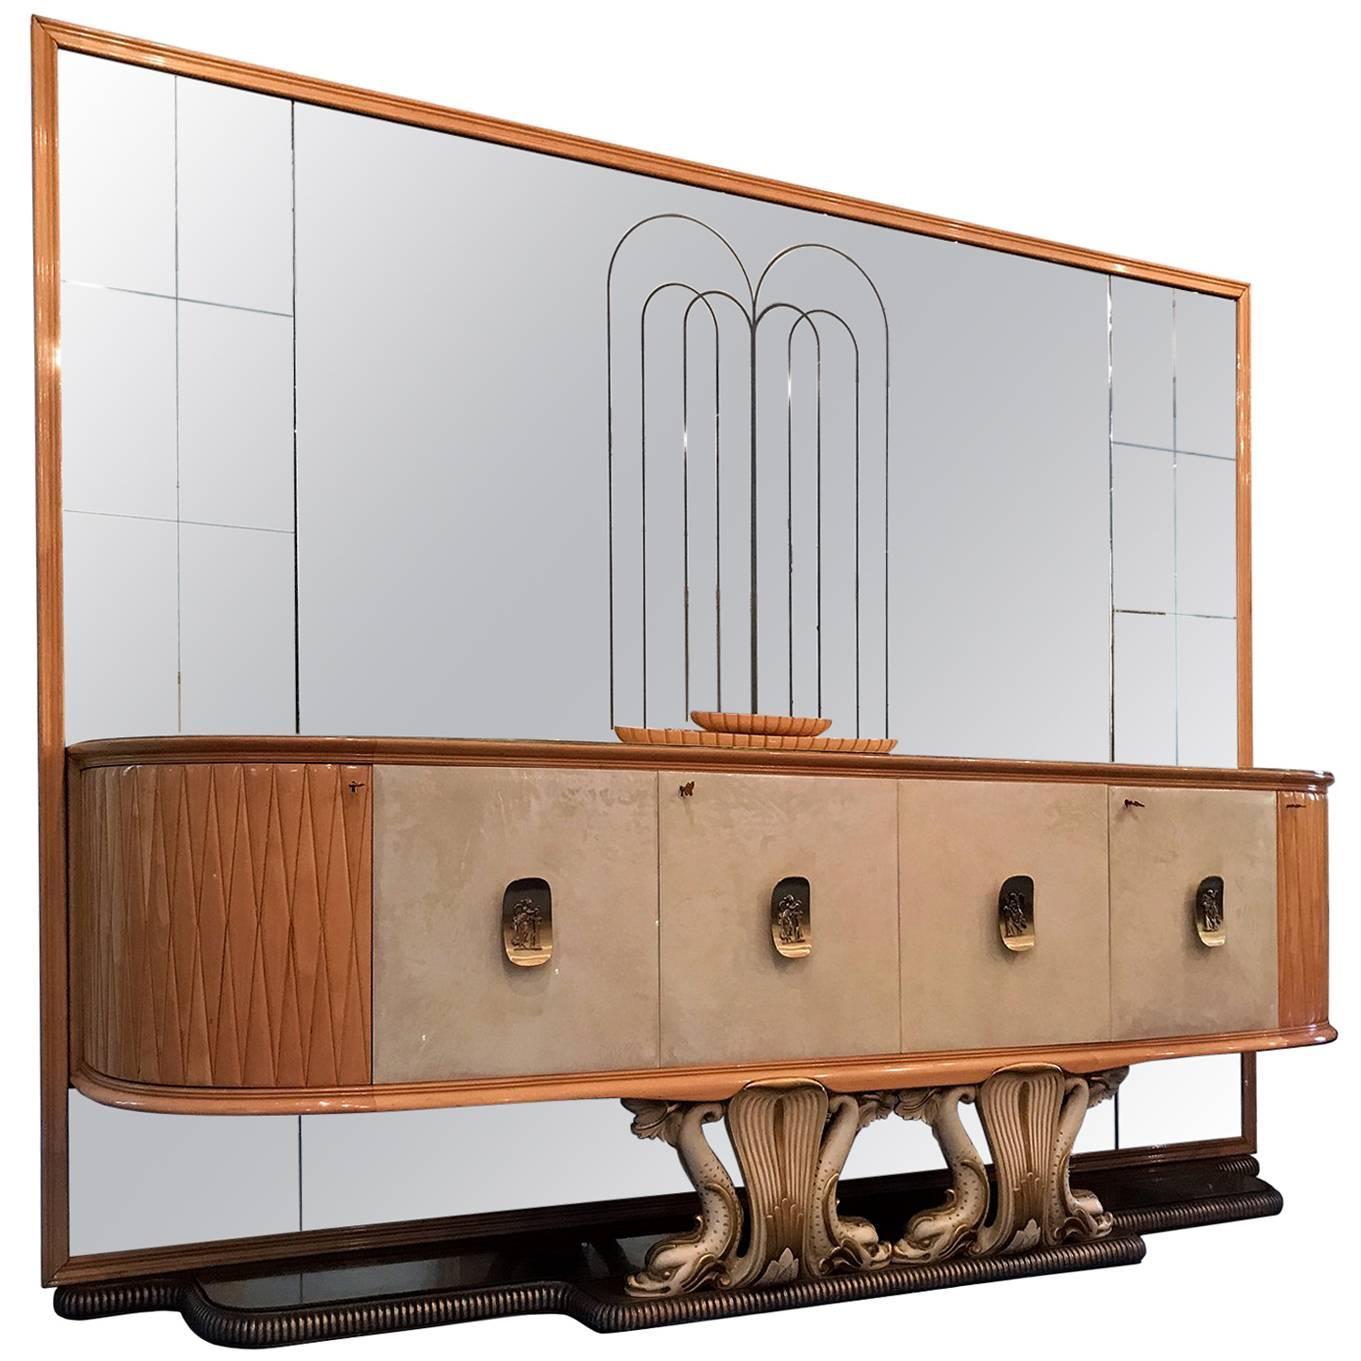 Italian Mid-Century Mirrored Sideboard by Osvaldo Borsani, 1940s